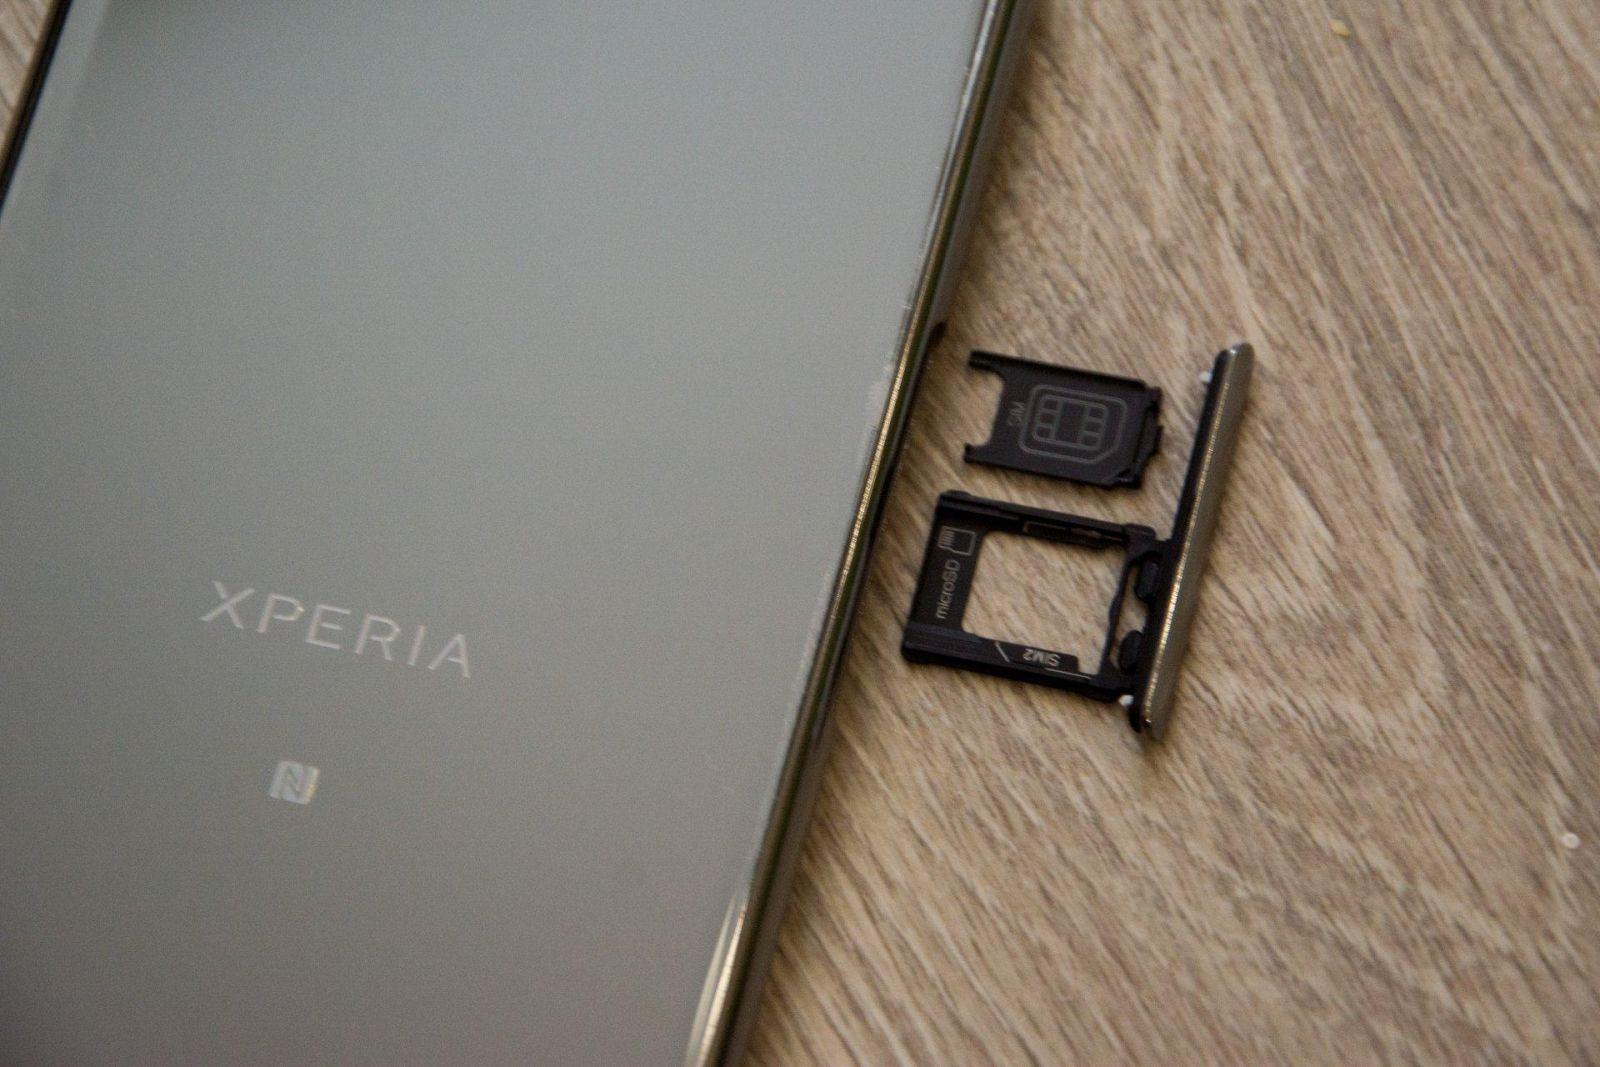 DSC 3920 - Обзор Sony Xperia XZ Premium. Лучший телефон лета